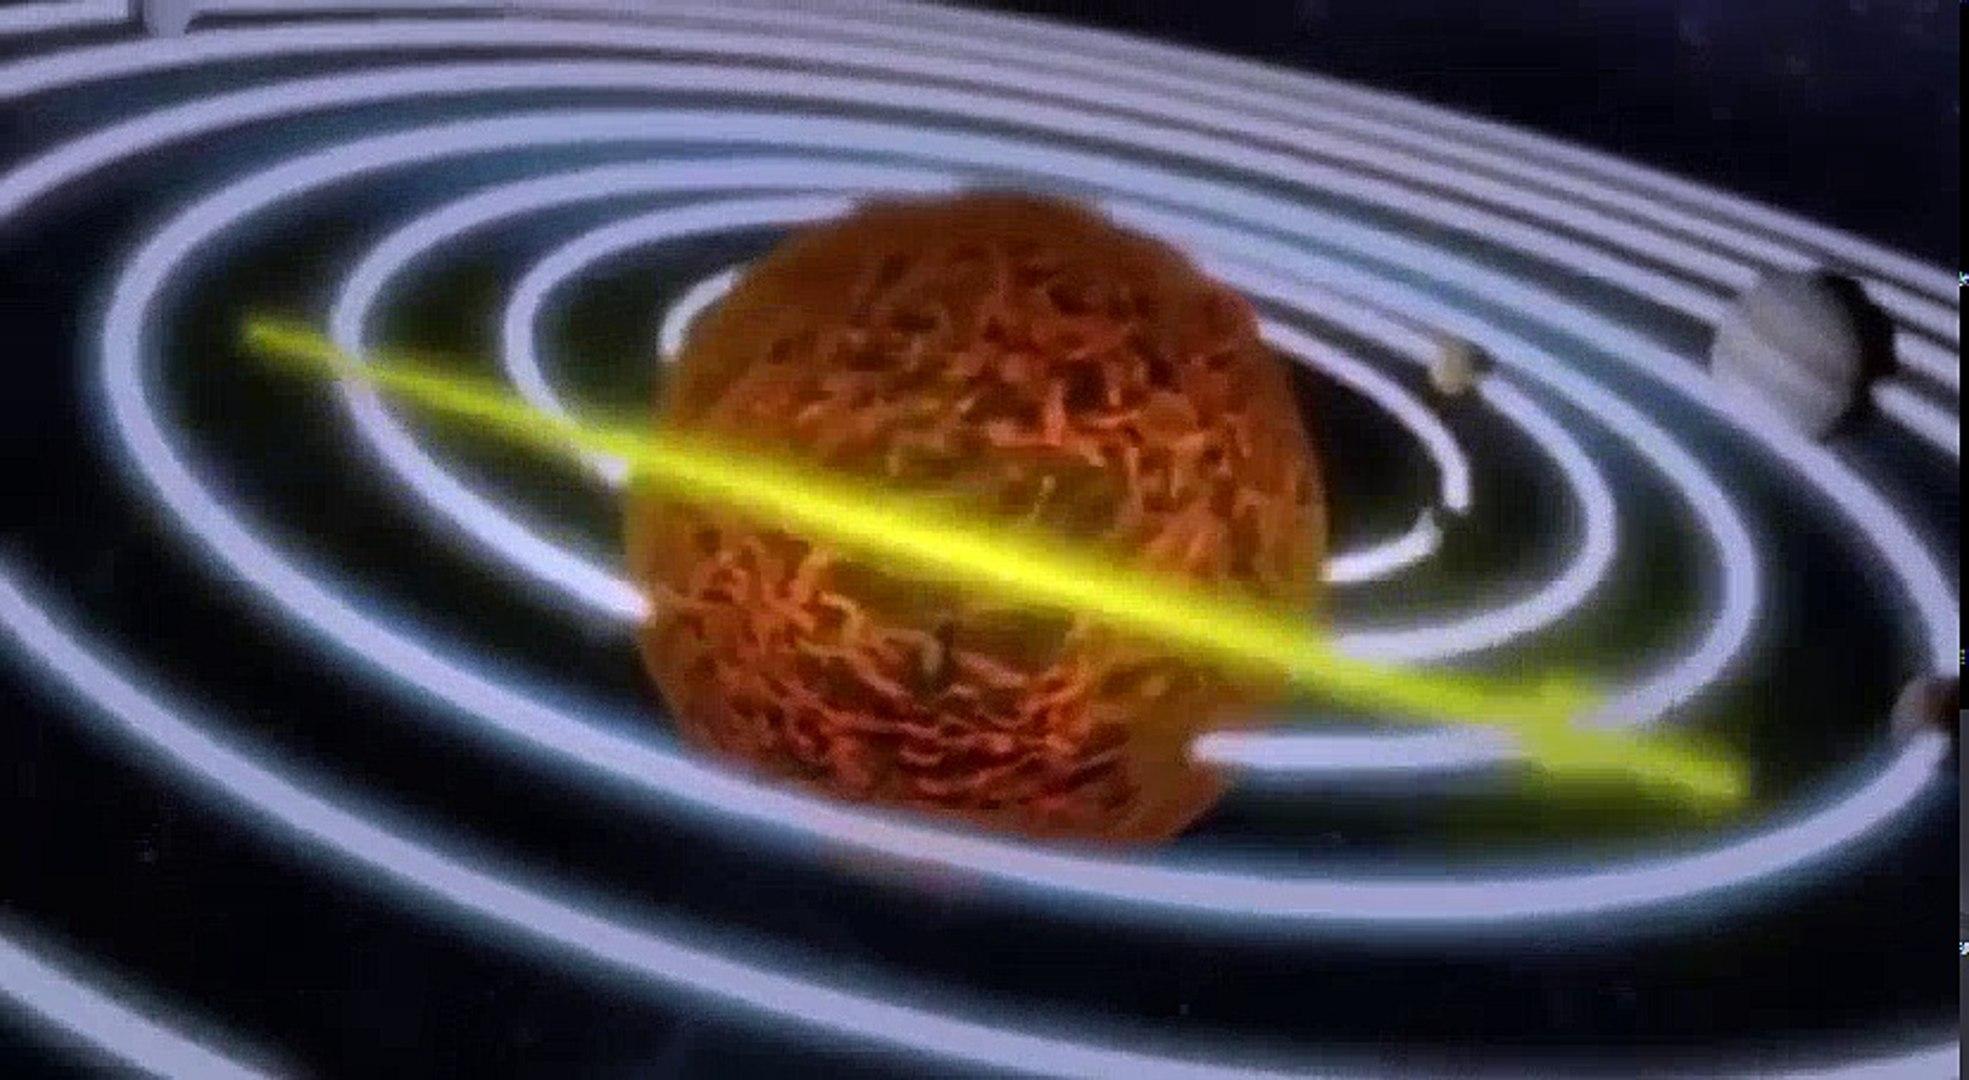 New Documentary - Documentary 2017 - Quantum Theory - Documentary 2016 HD 720p BBC horizon 2017